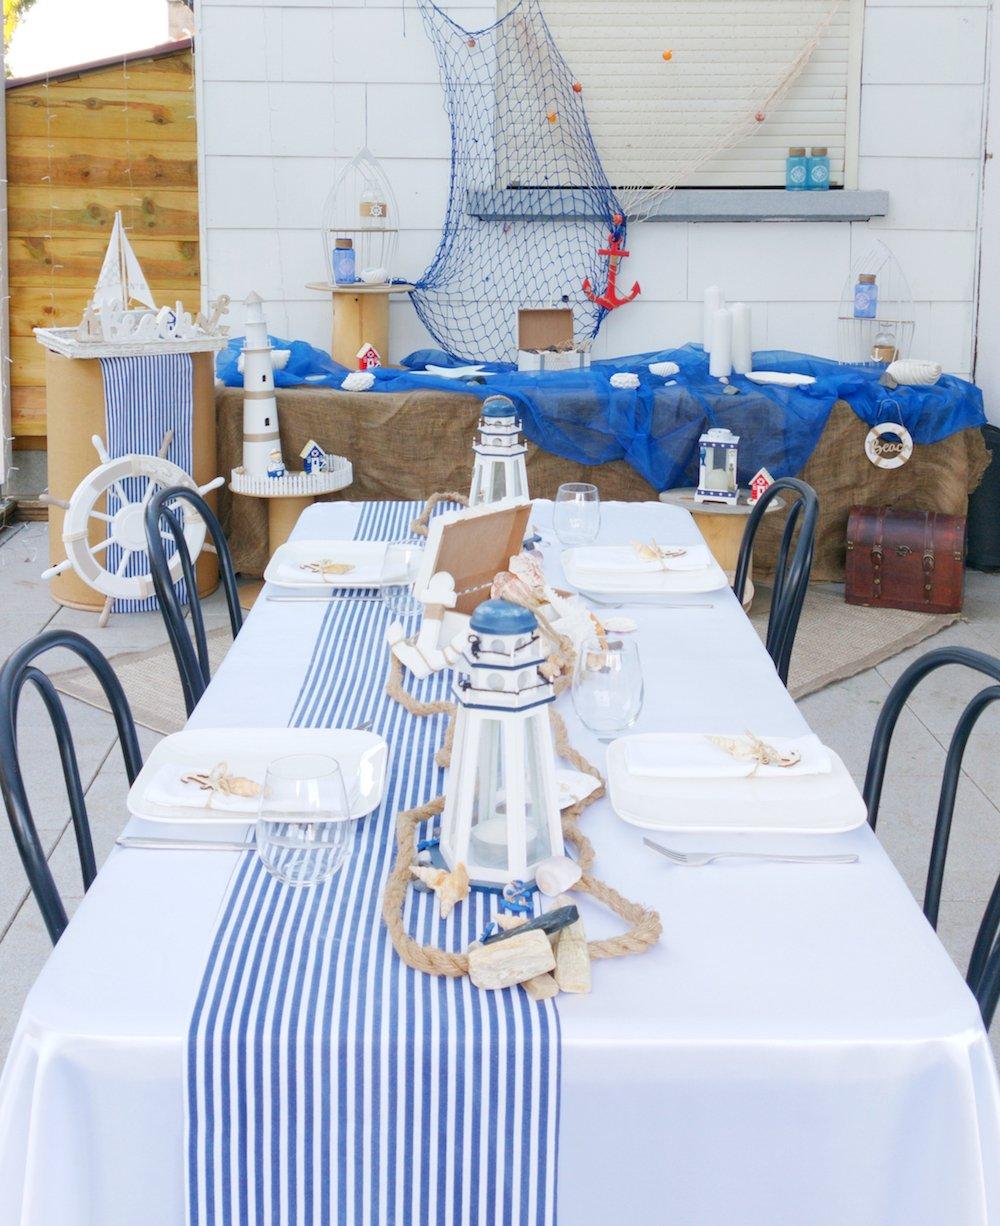 Décoration d'anniversaire sur le thème de la mer, des coquillages, imprimé marin